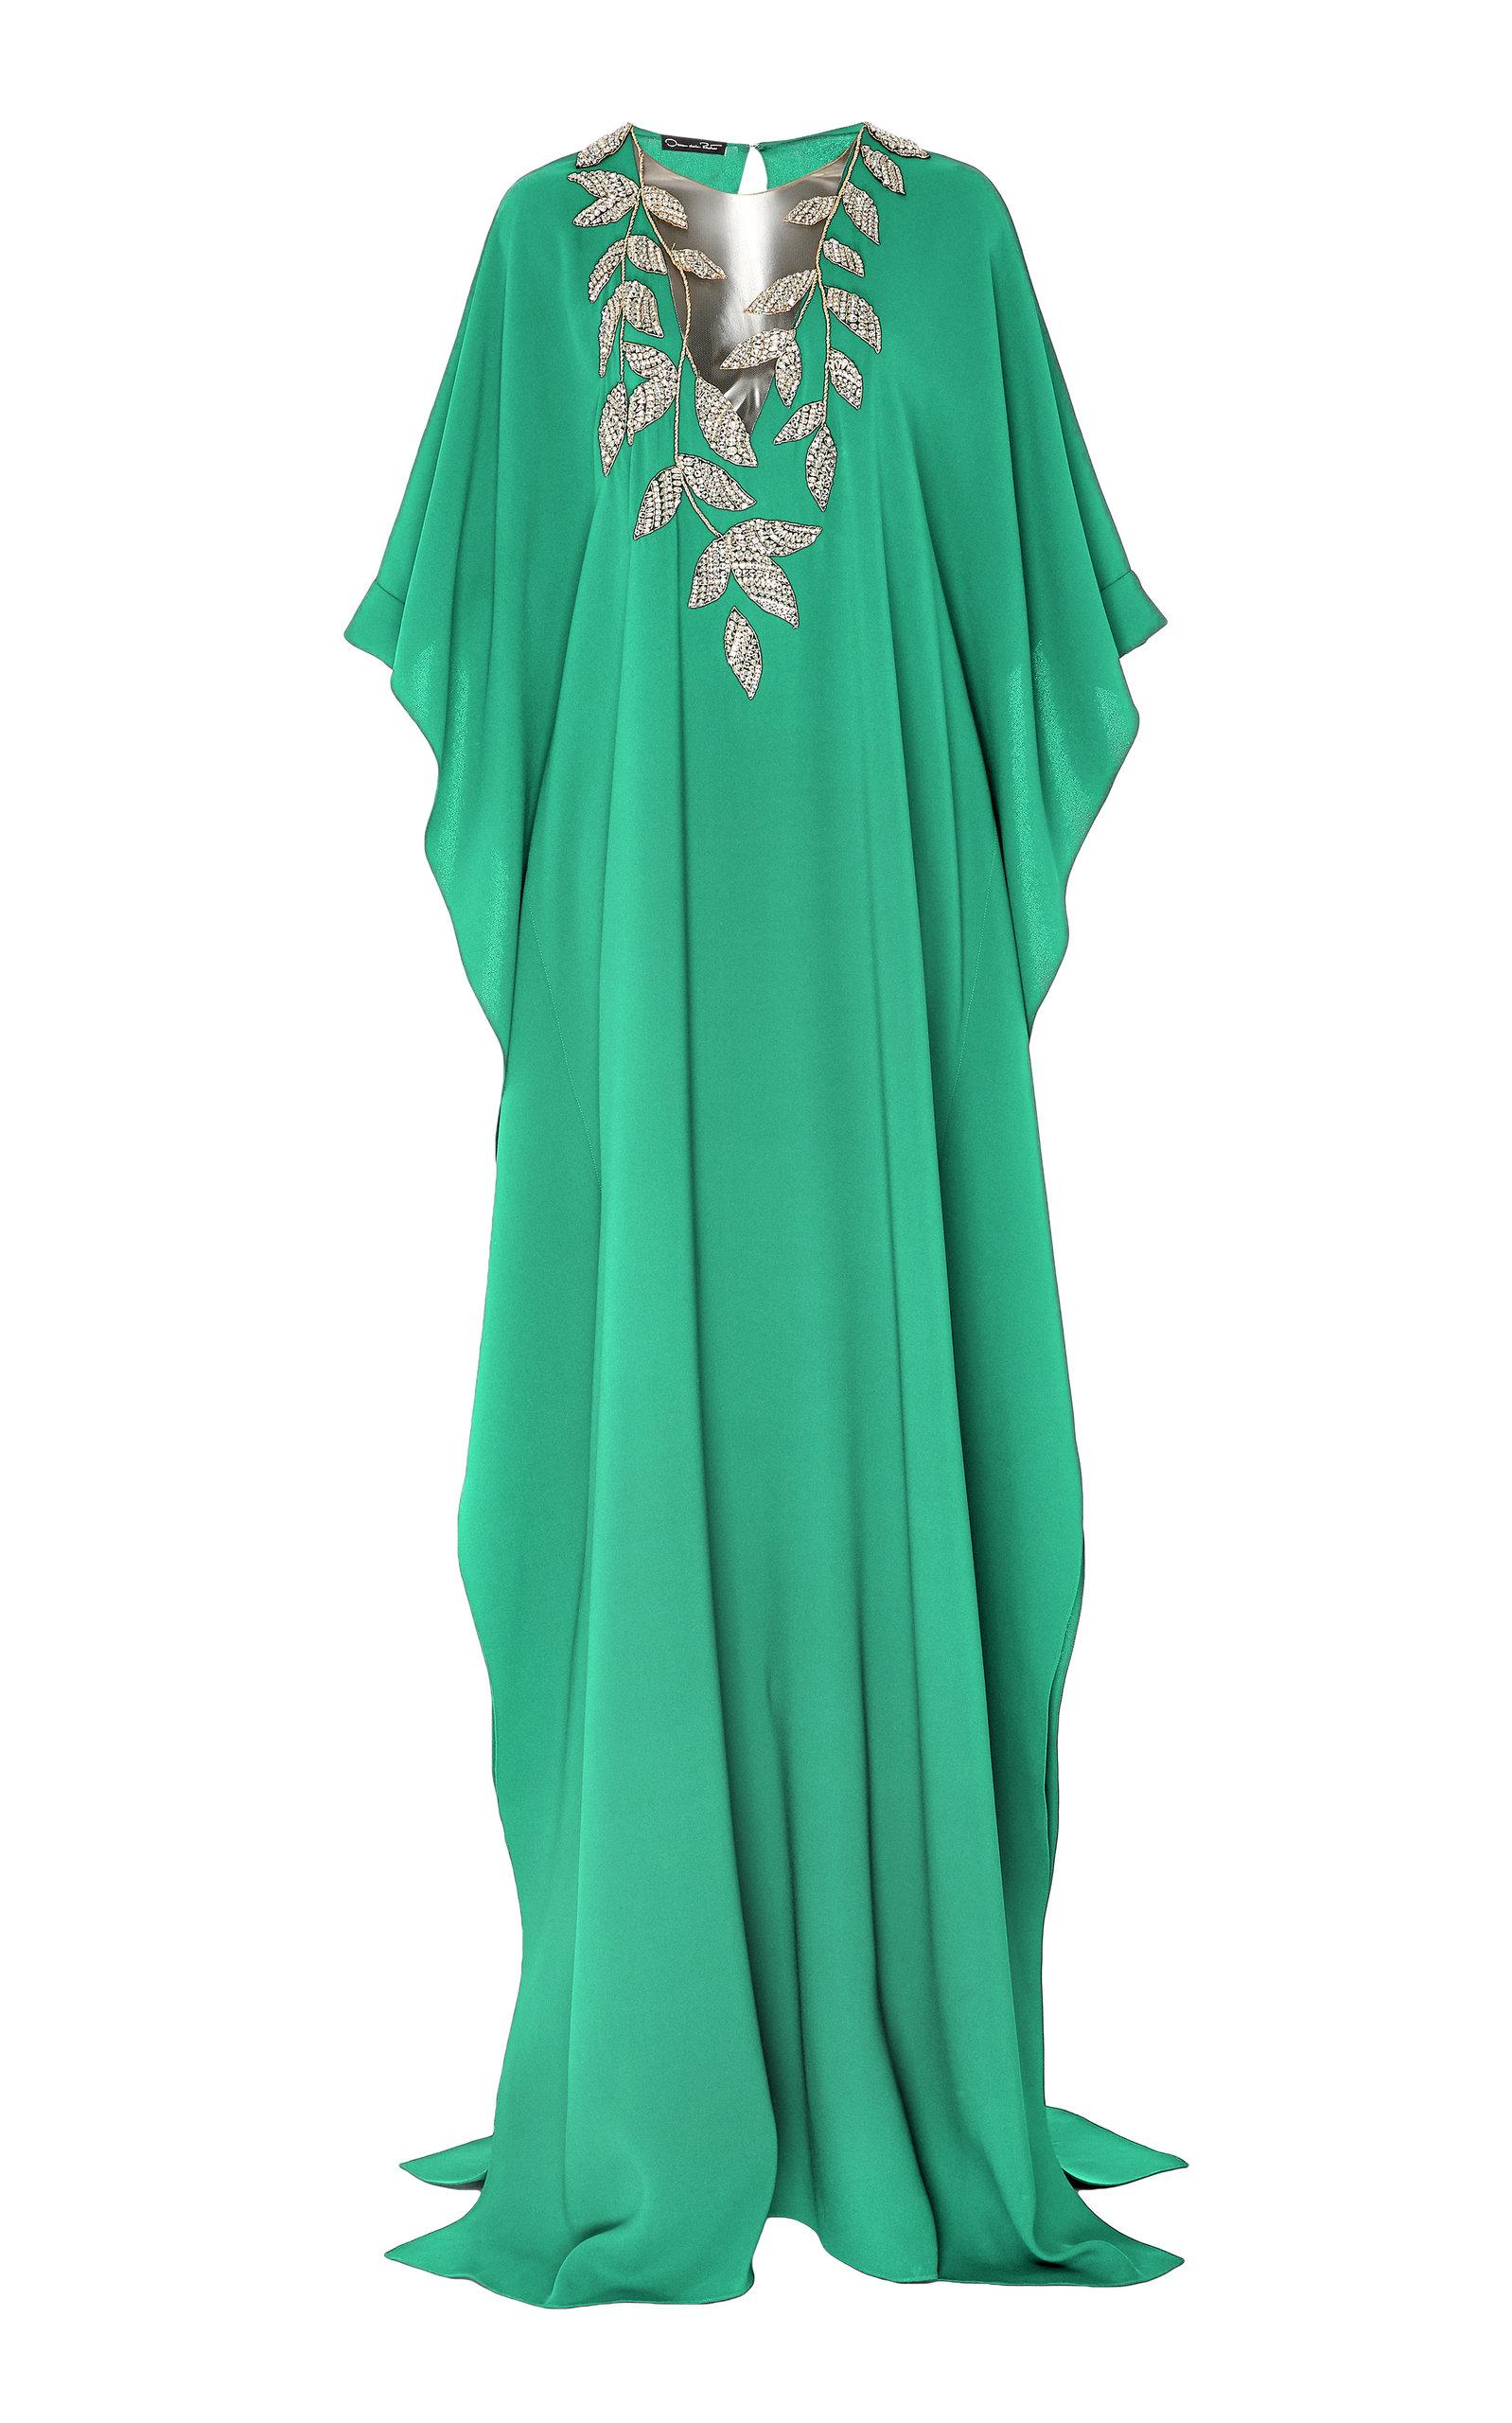 Buy Oscar de la Renta Exclusive Embellished Silk-Georgette Caftan online, shop Oscar de la Renta at the best price